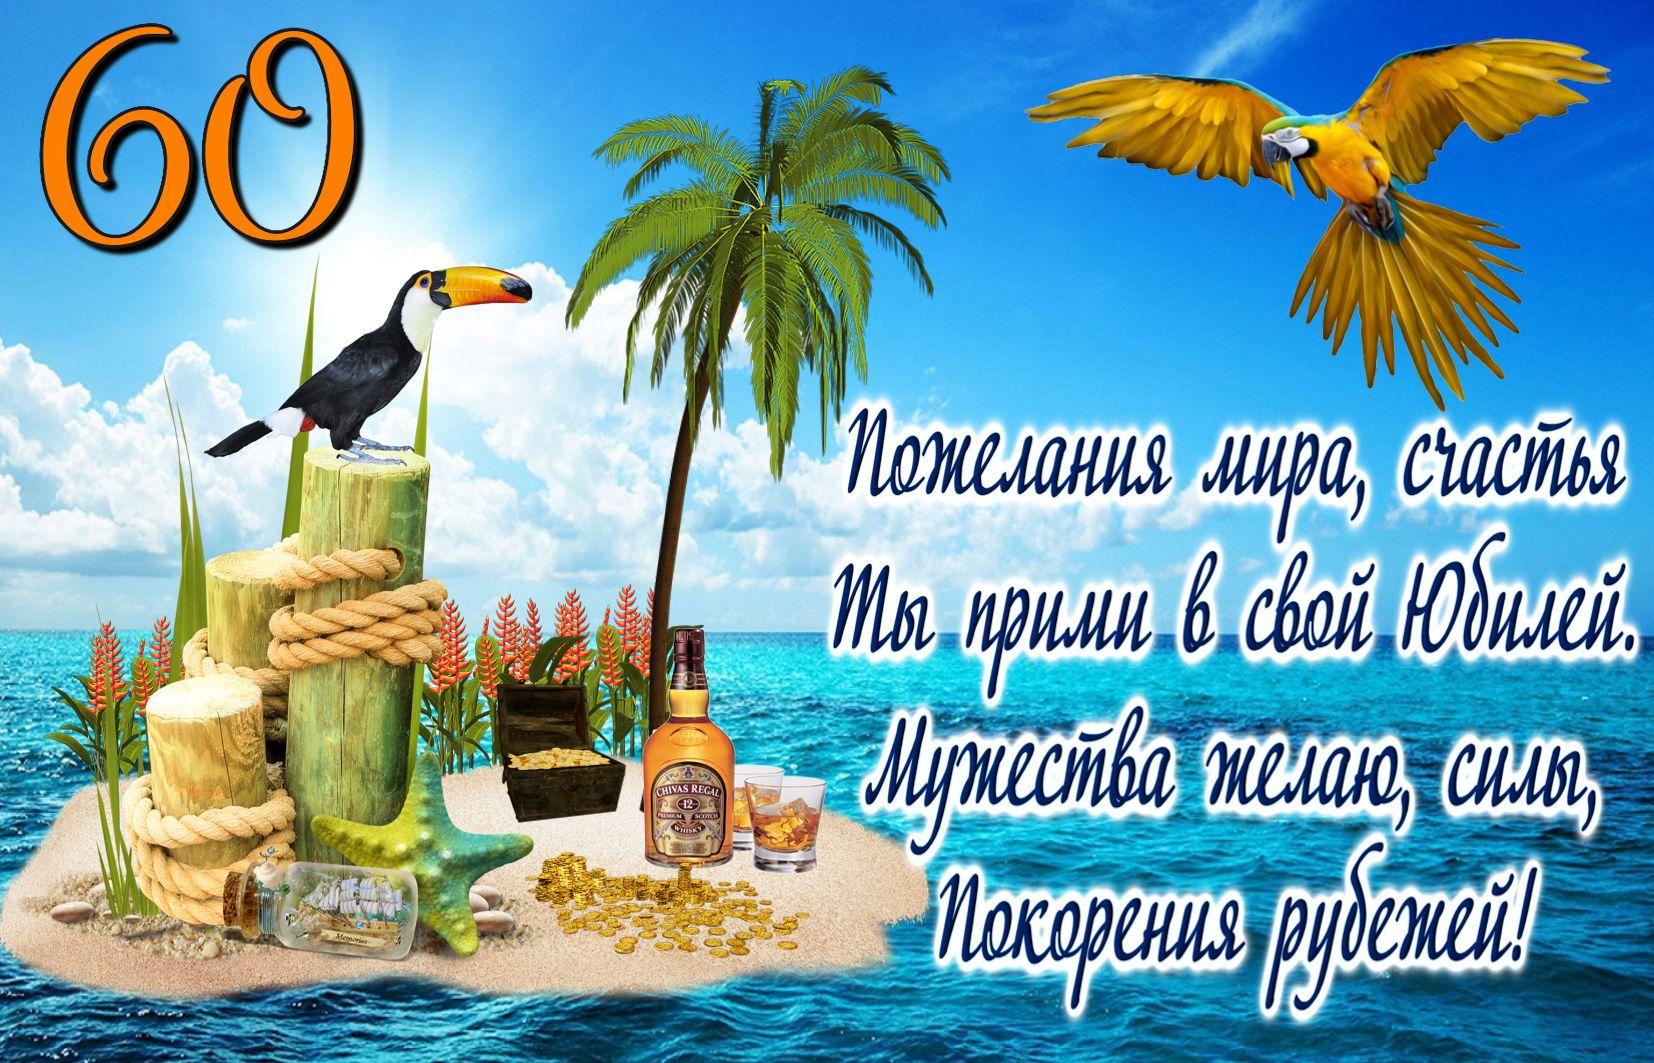 Открытка на юбилей 60 лет - сказочный островок с попугаями